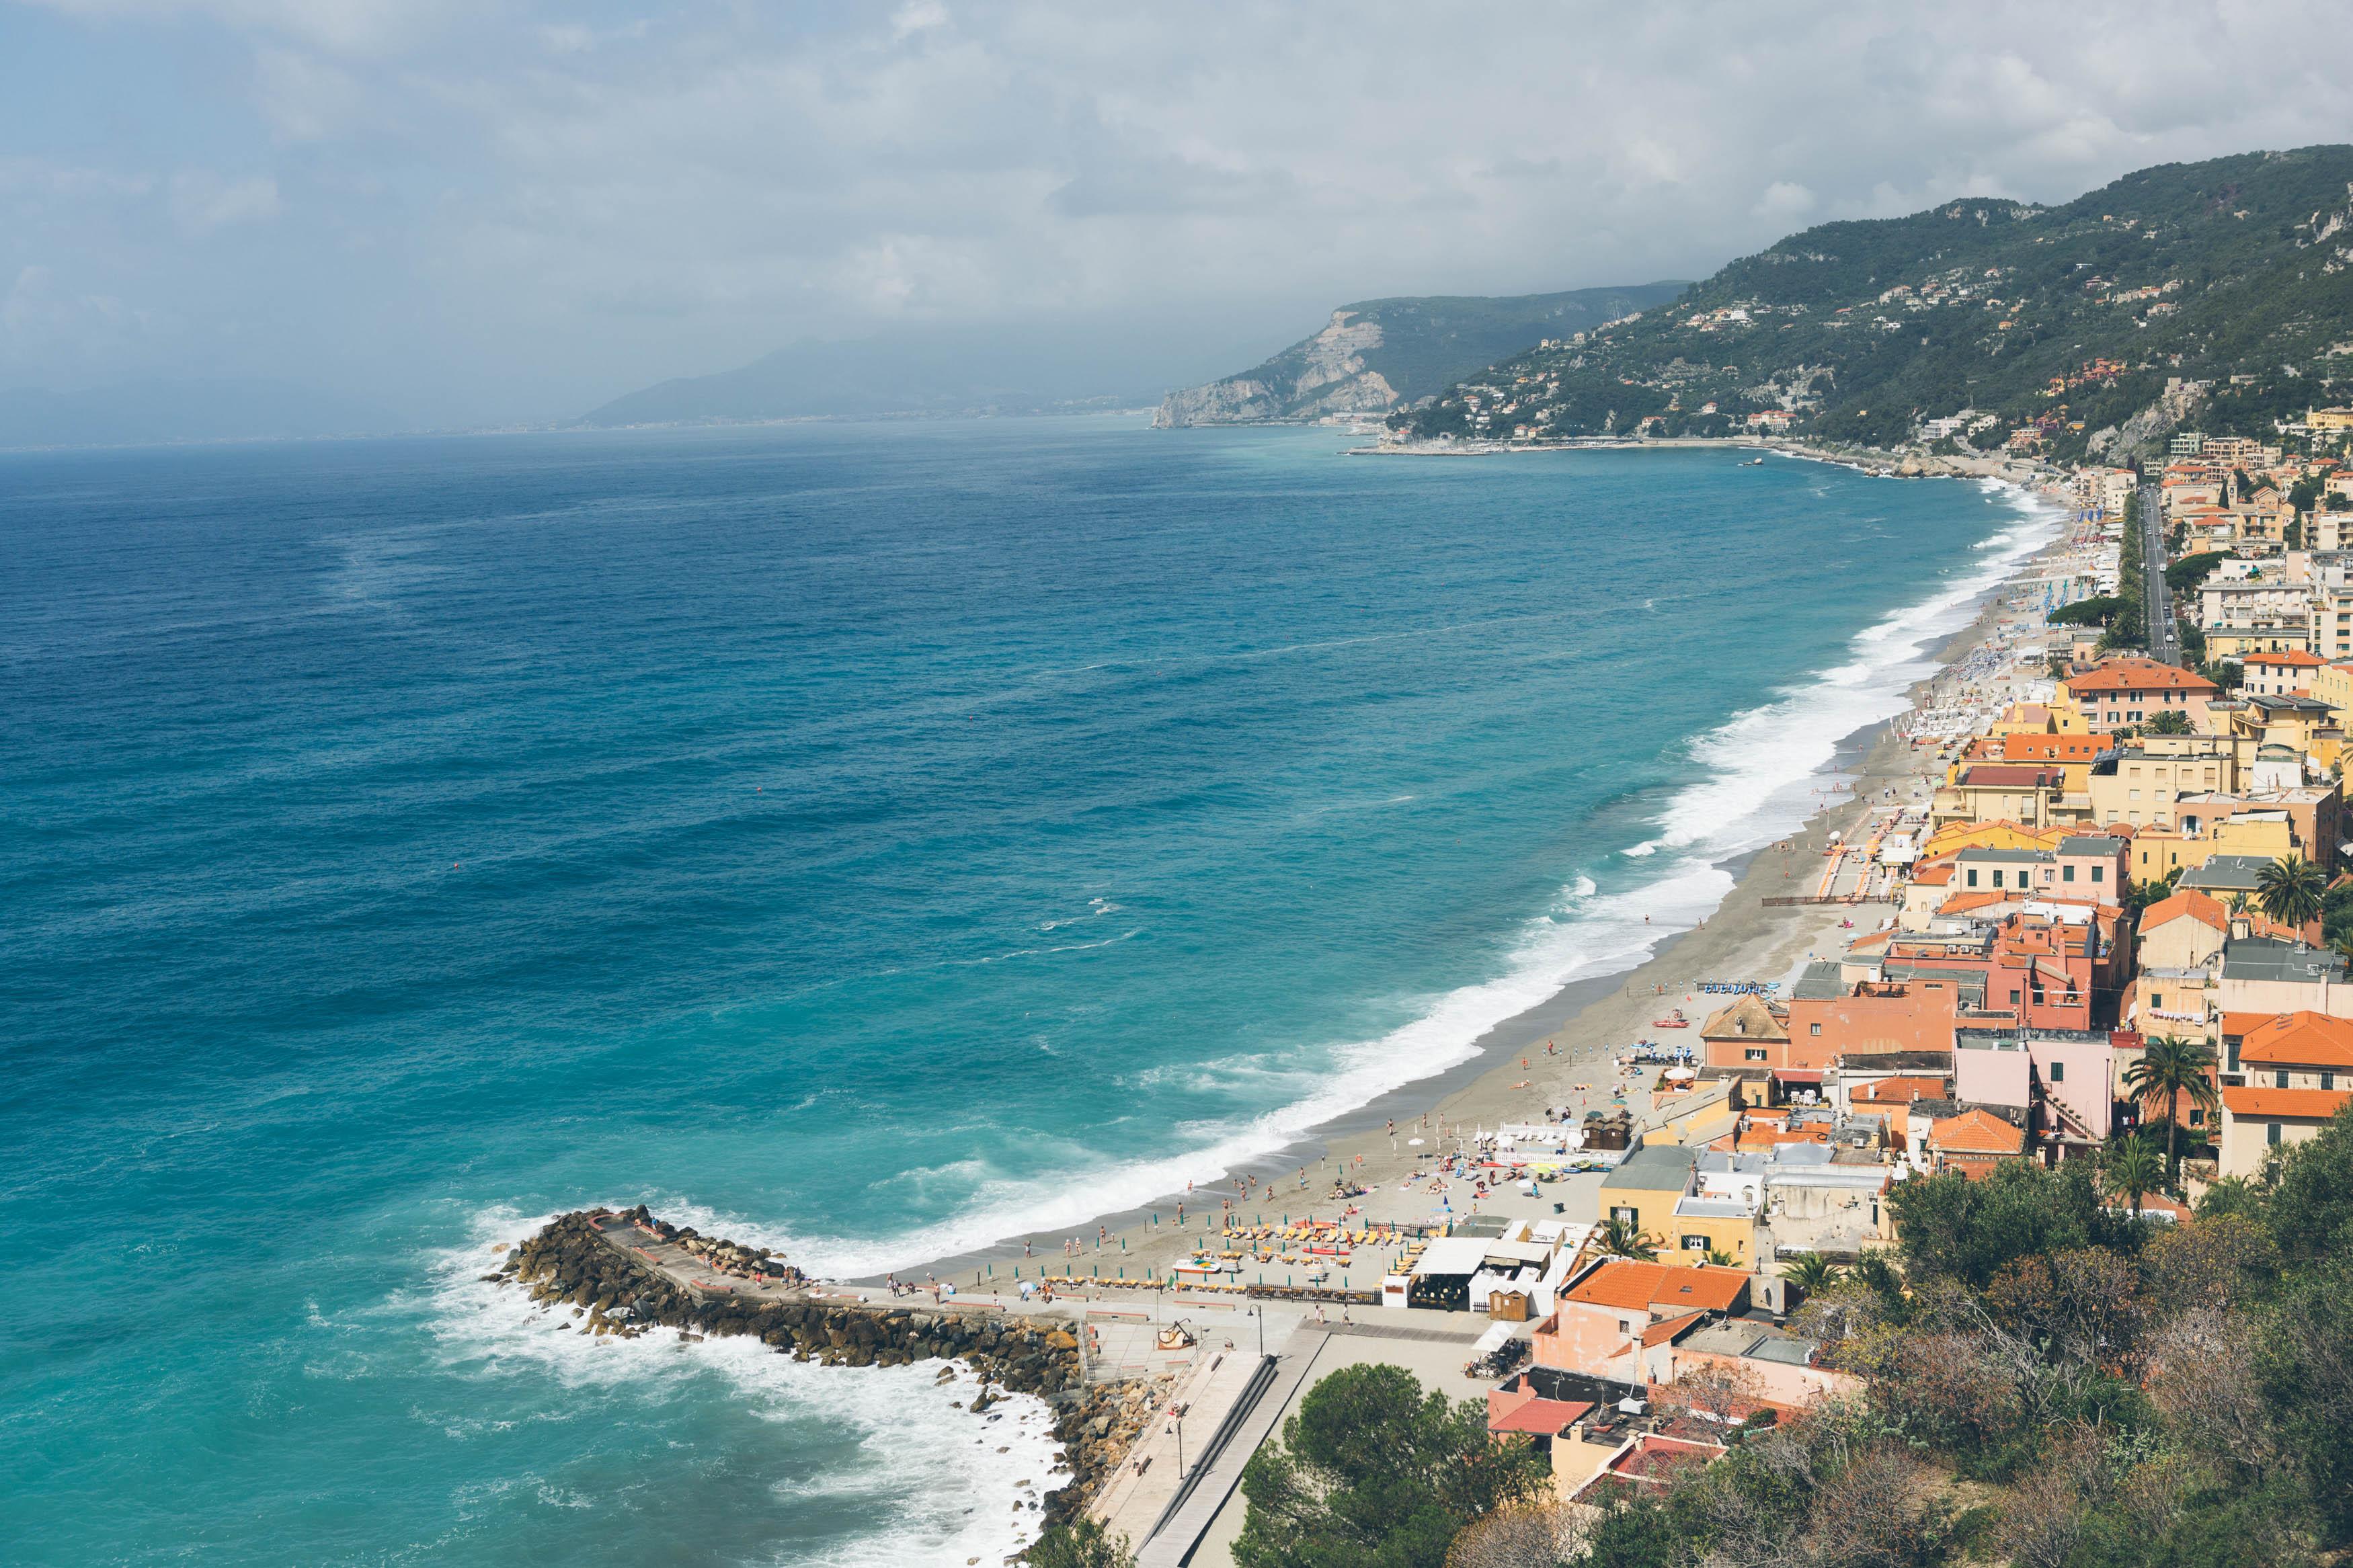 Matrimonio Spiaggia Varigotti : Spiagge di varigotti trovaspiagge portale delle